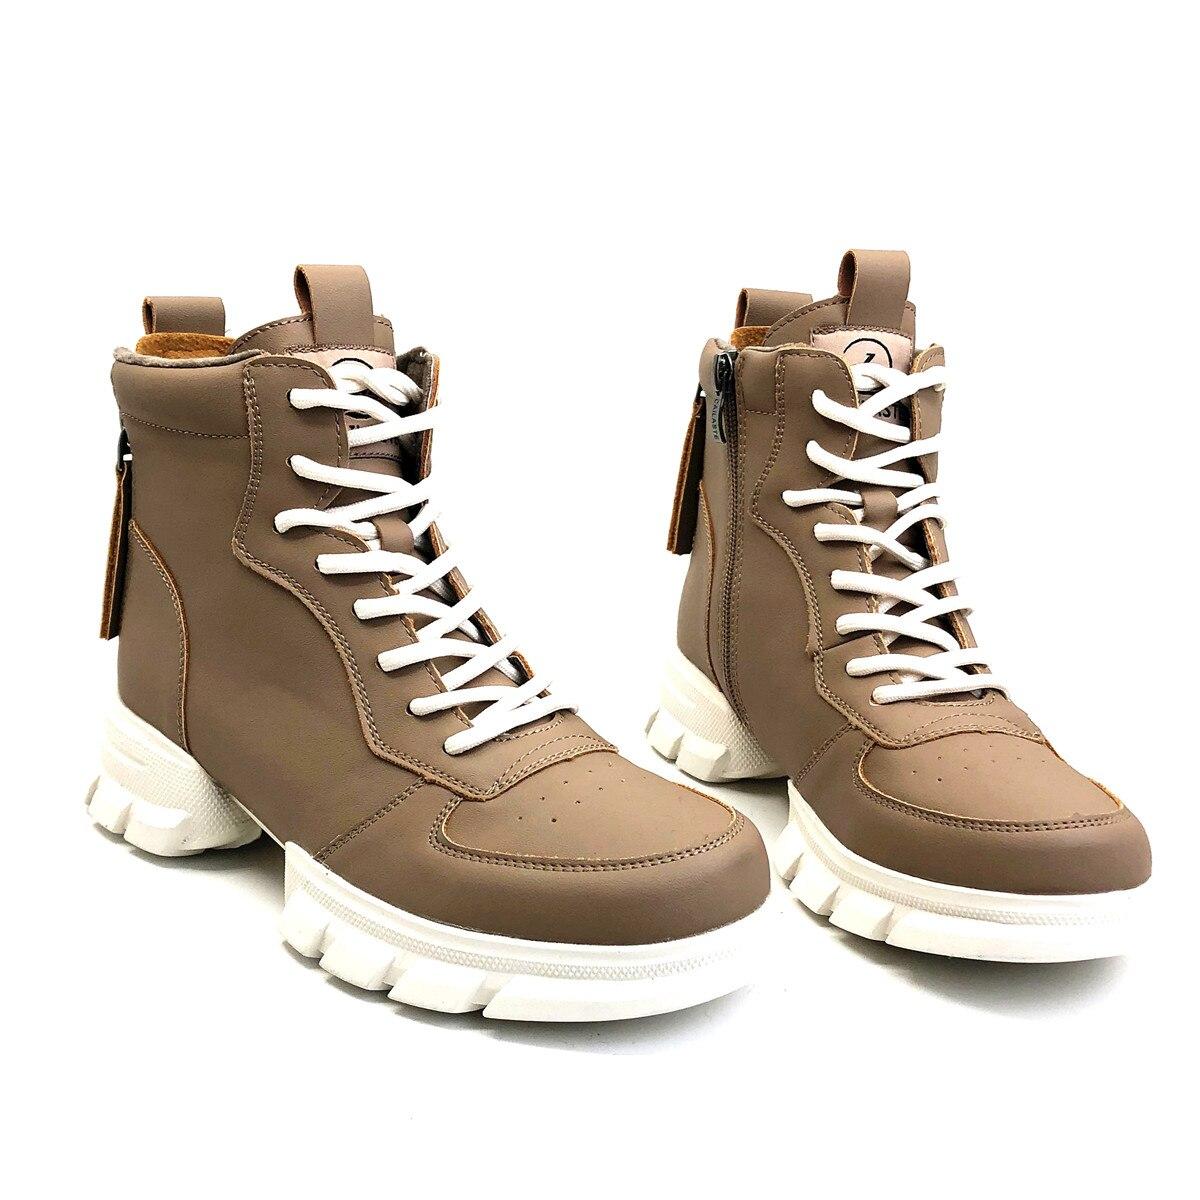 CAILASTE/женские кроссовки; ботинки со шнуровкой на молнии; ботинки шнурки для отдыха; обувь на платформе с бархатной стелькой; спортивные женск... - 6